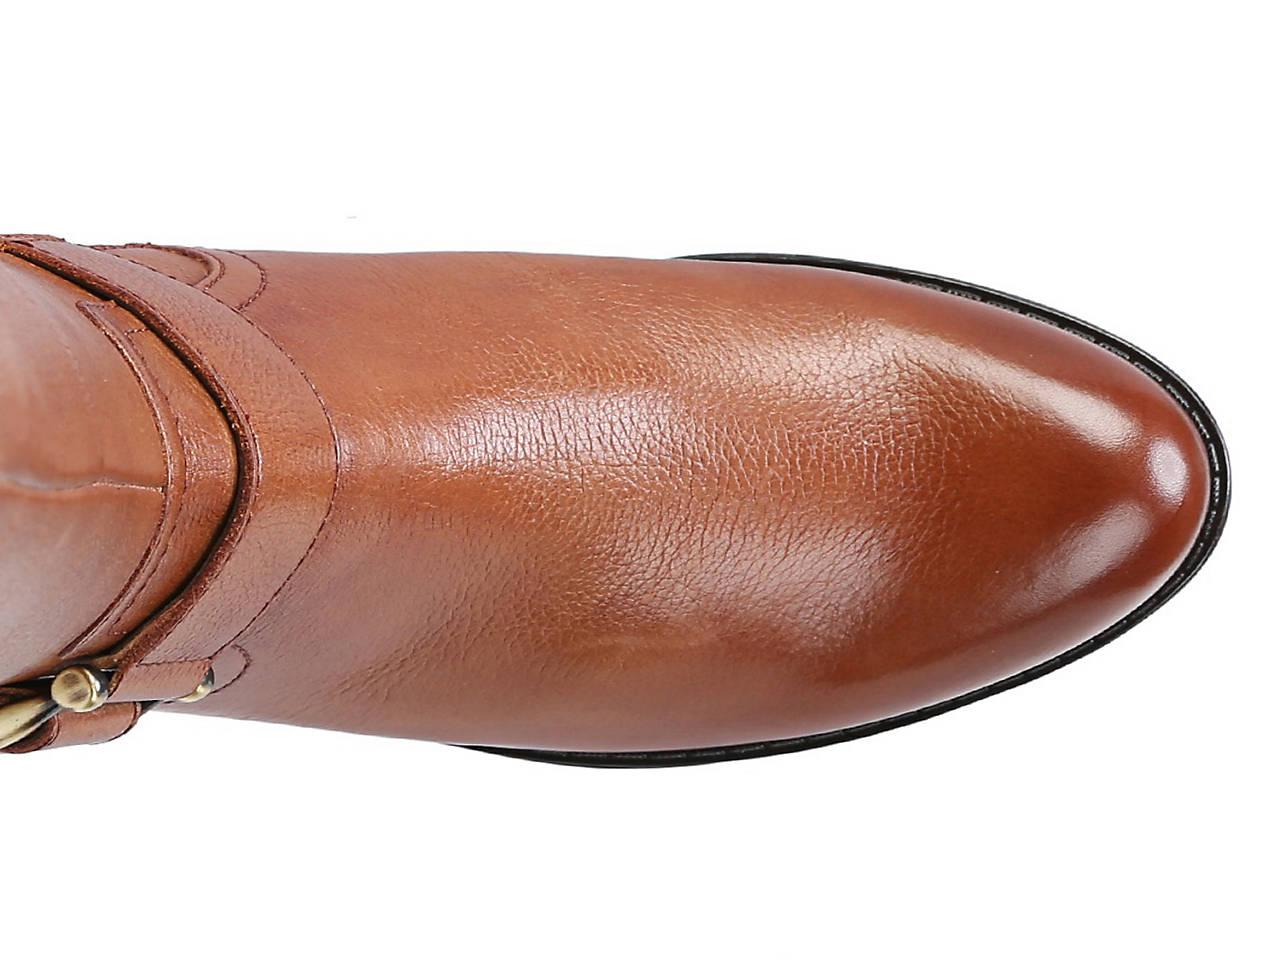 e019fa4bba9 Naturalizer Jillian Riding Boot Women s Shoes